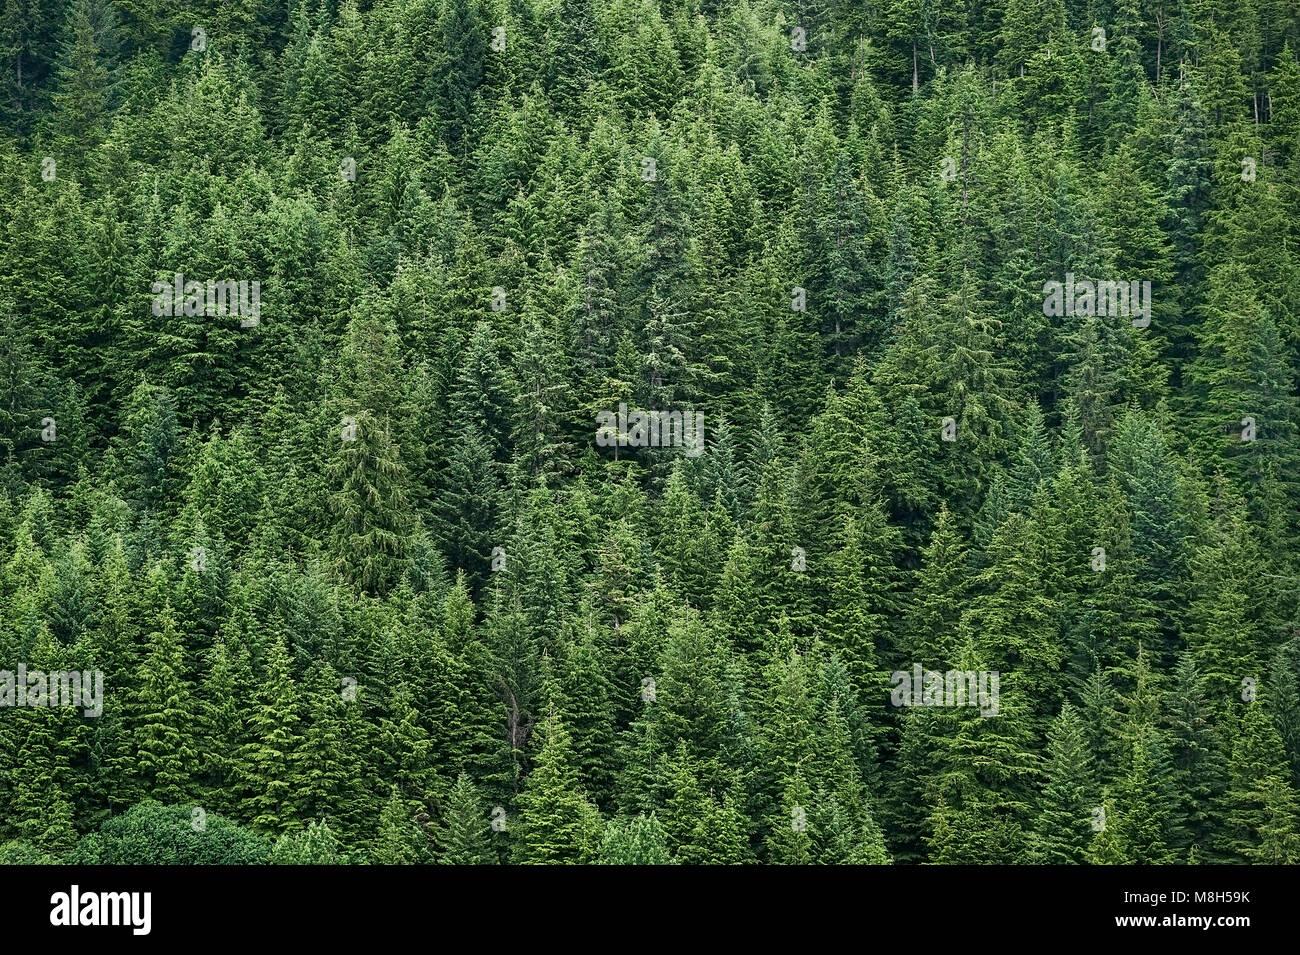 Boreal forest, Alaska, USA. - Stock Image